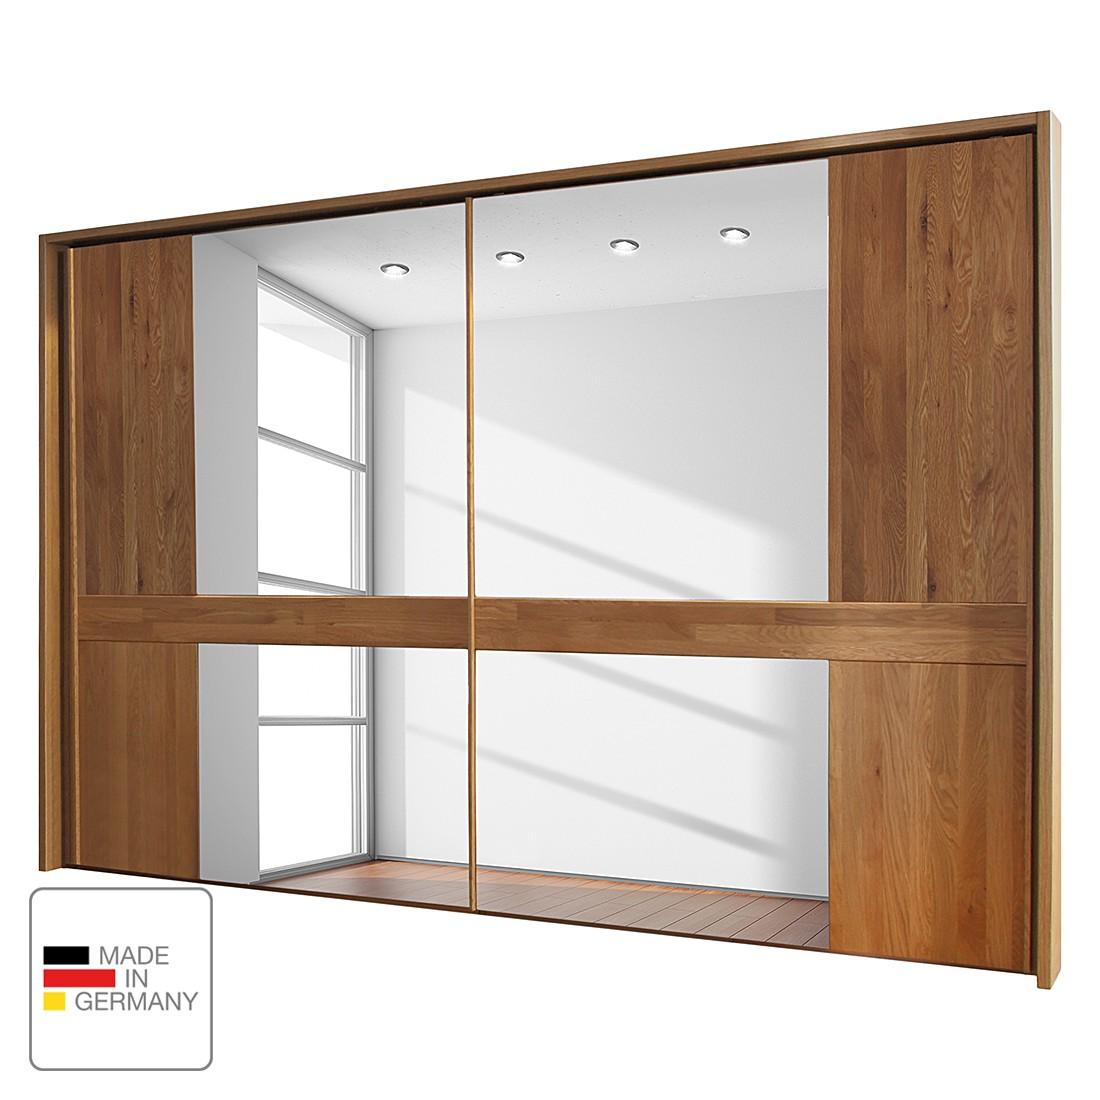 goedkoop Schuifdeurkast Faro gelakt massief eikenhout 250cm 2 deurs Met Passe partout lijst Wiemann